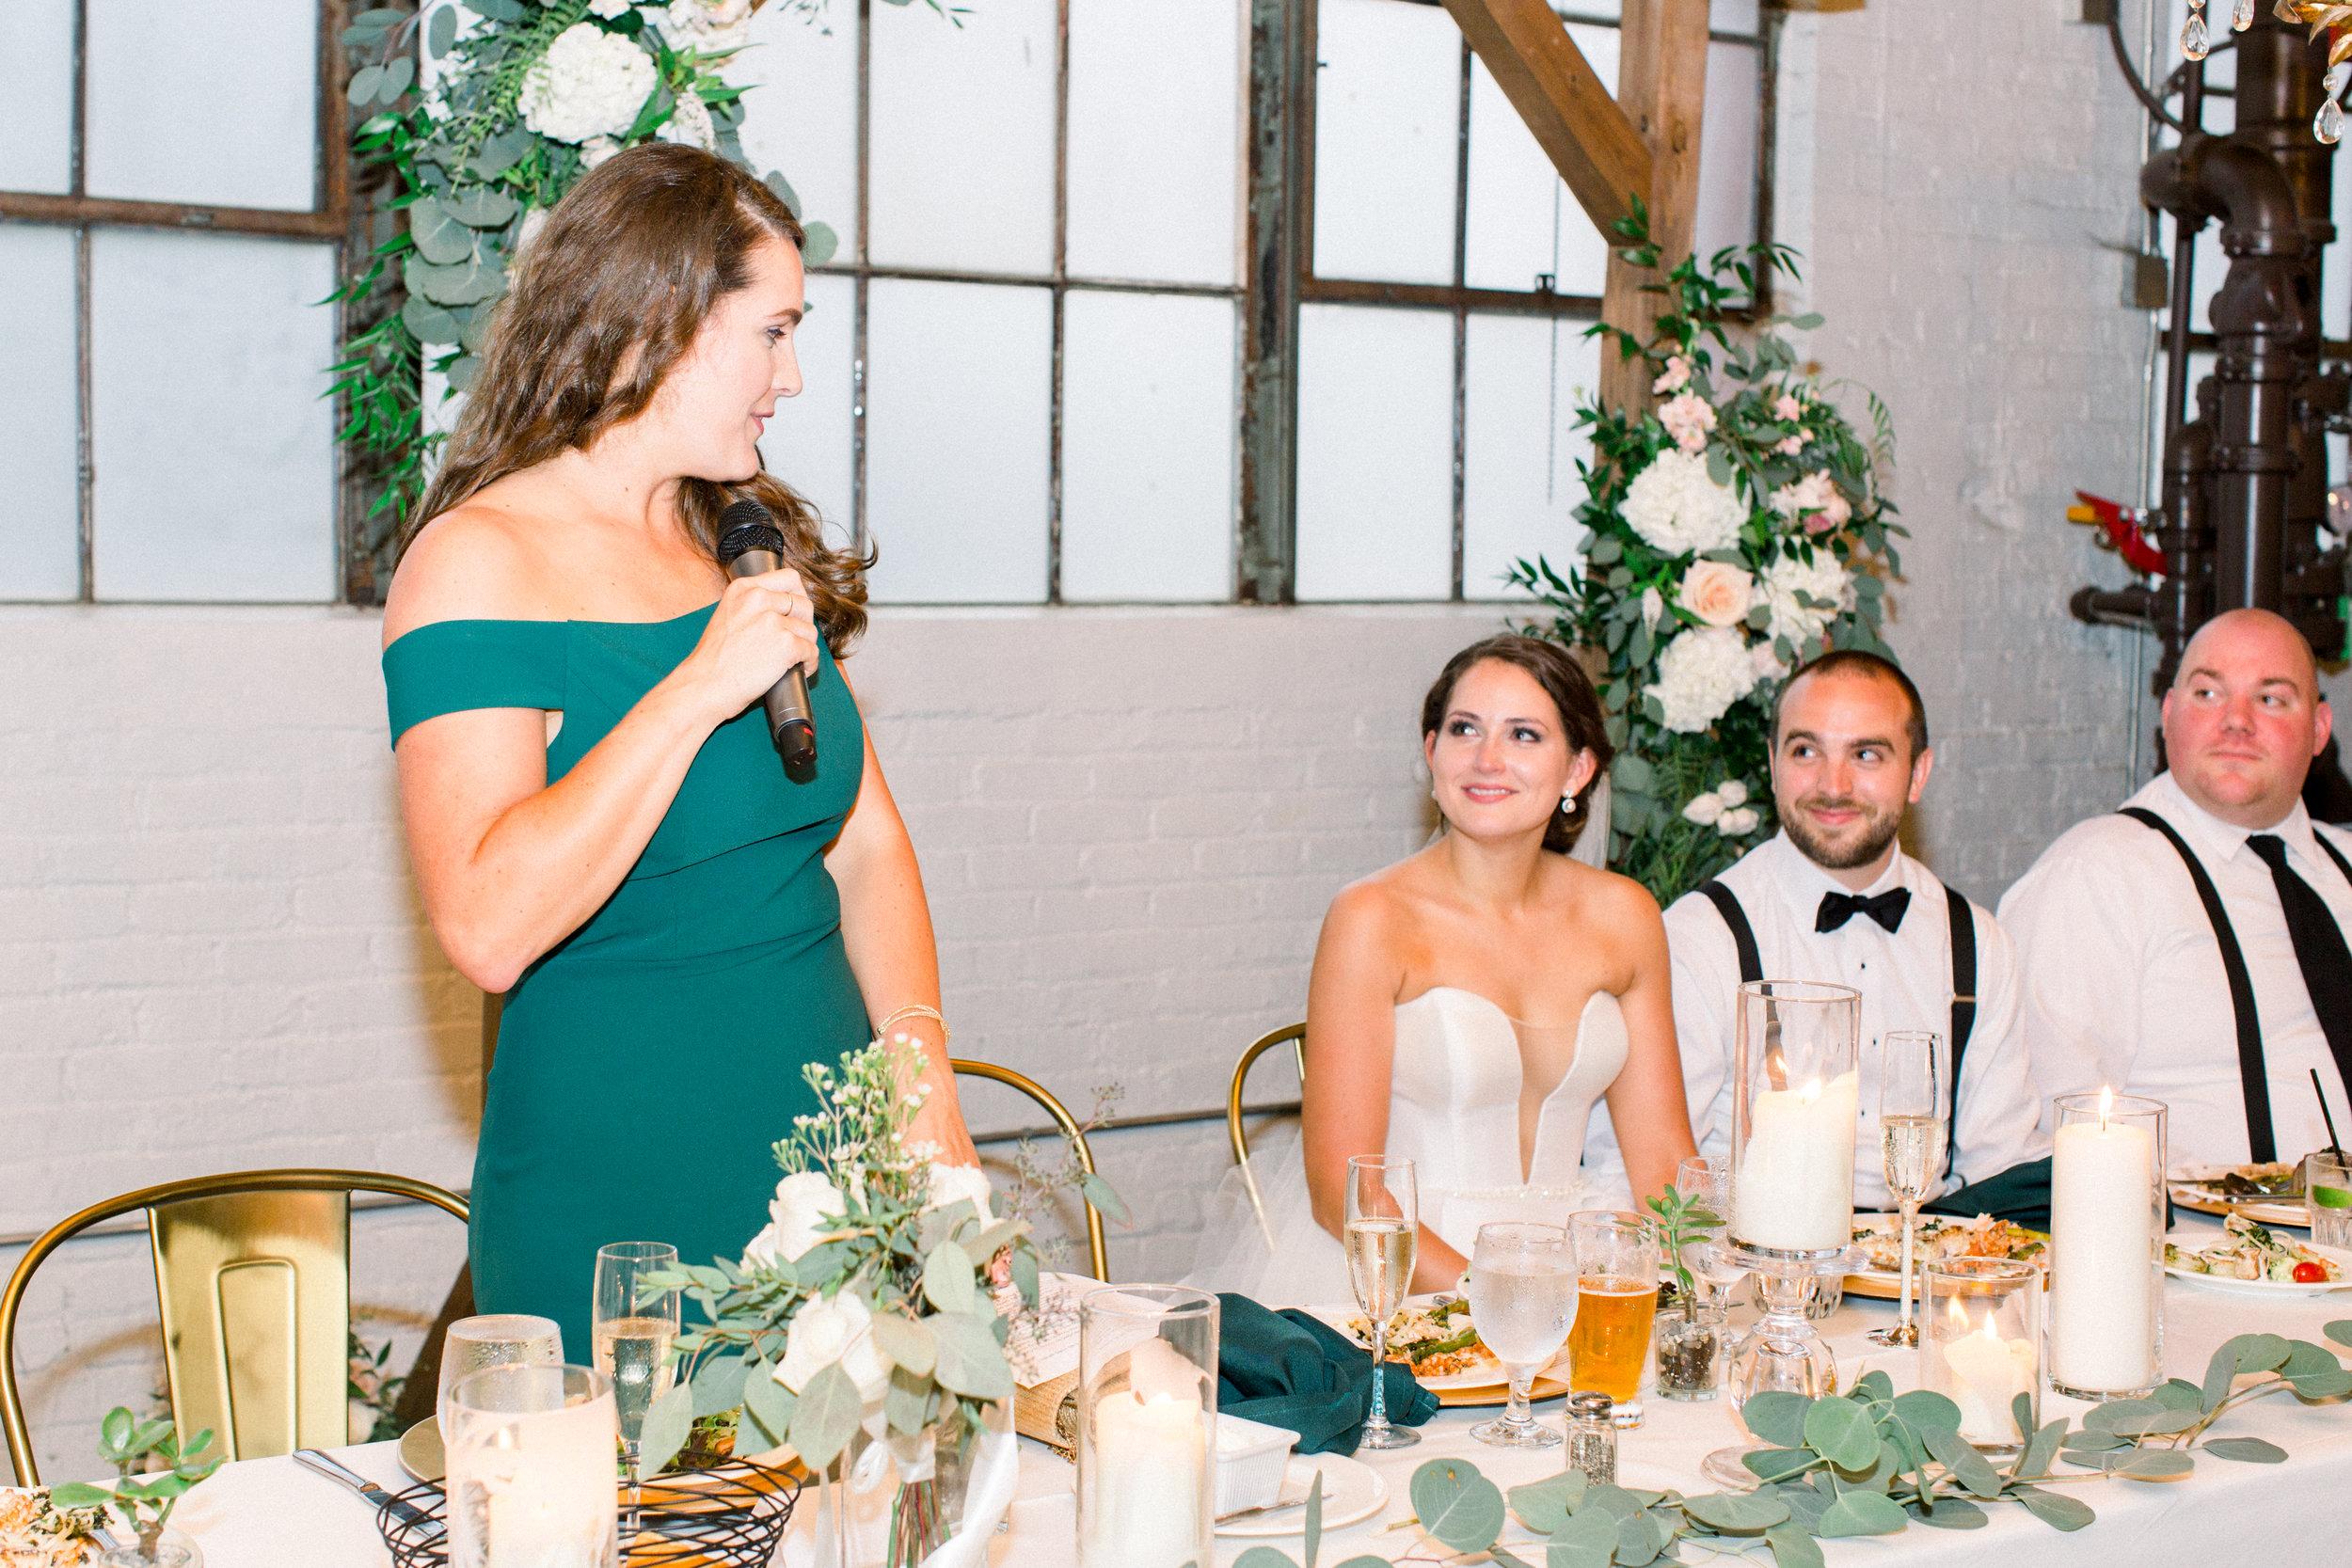 Steiner+Wedding+Reception+SpeechesMOH-12.jpg